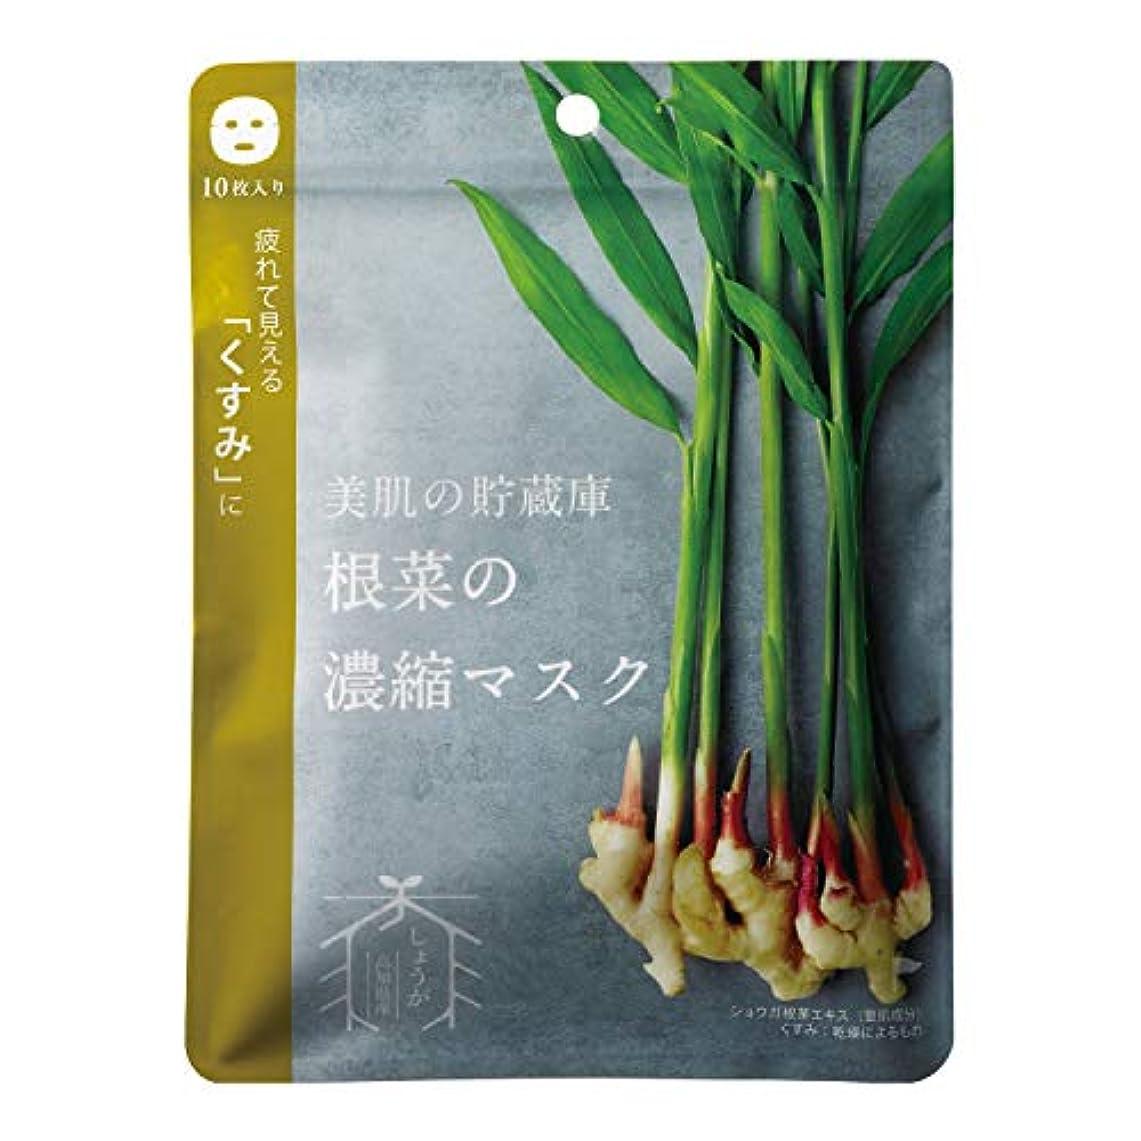 理容師グラフ対@cosme nippon 美肌の貯蔵庫 根菜の濃縮マスク 土佐一しょうが 10枚 160ml